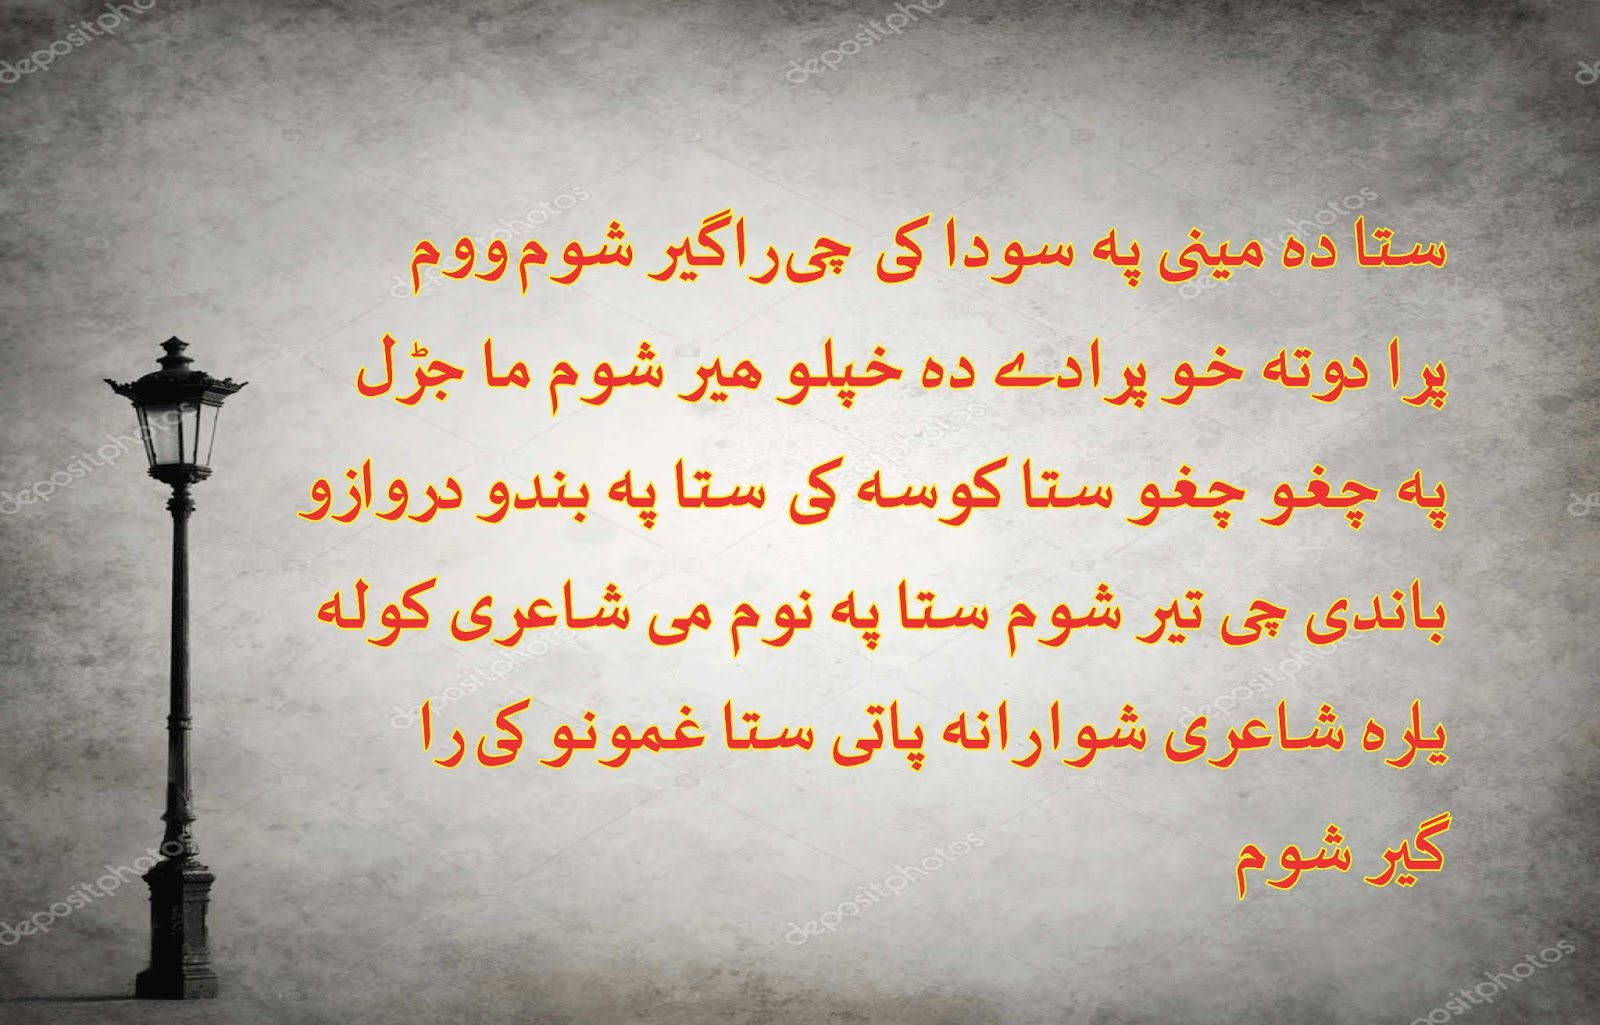 Rahman Baba kalam pashto Mp3 music Download